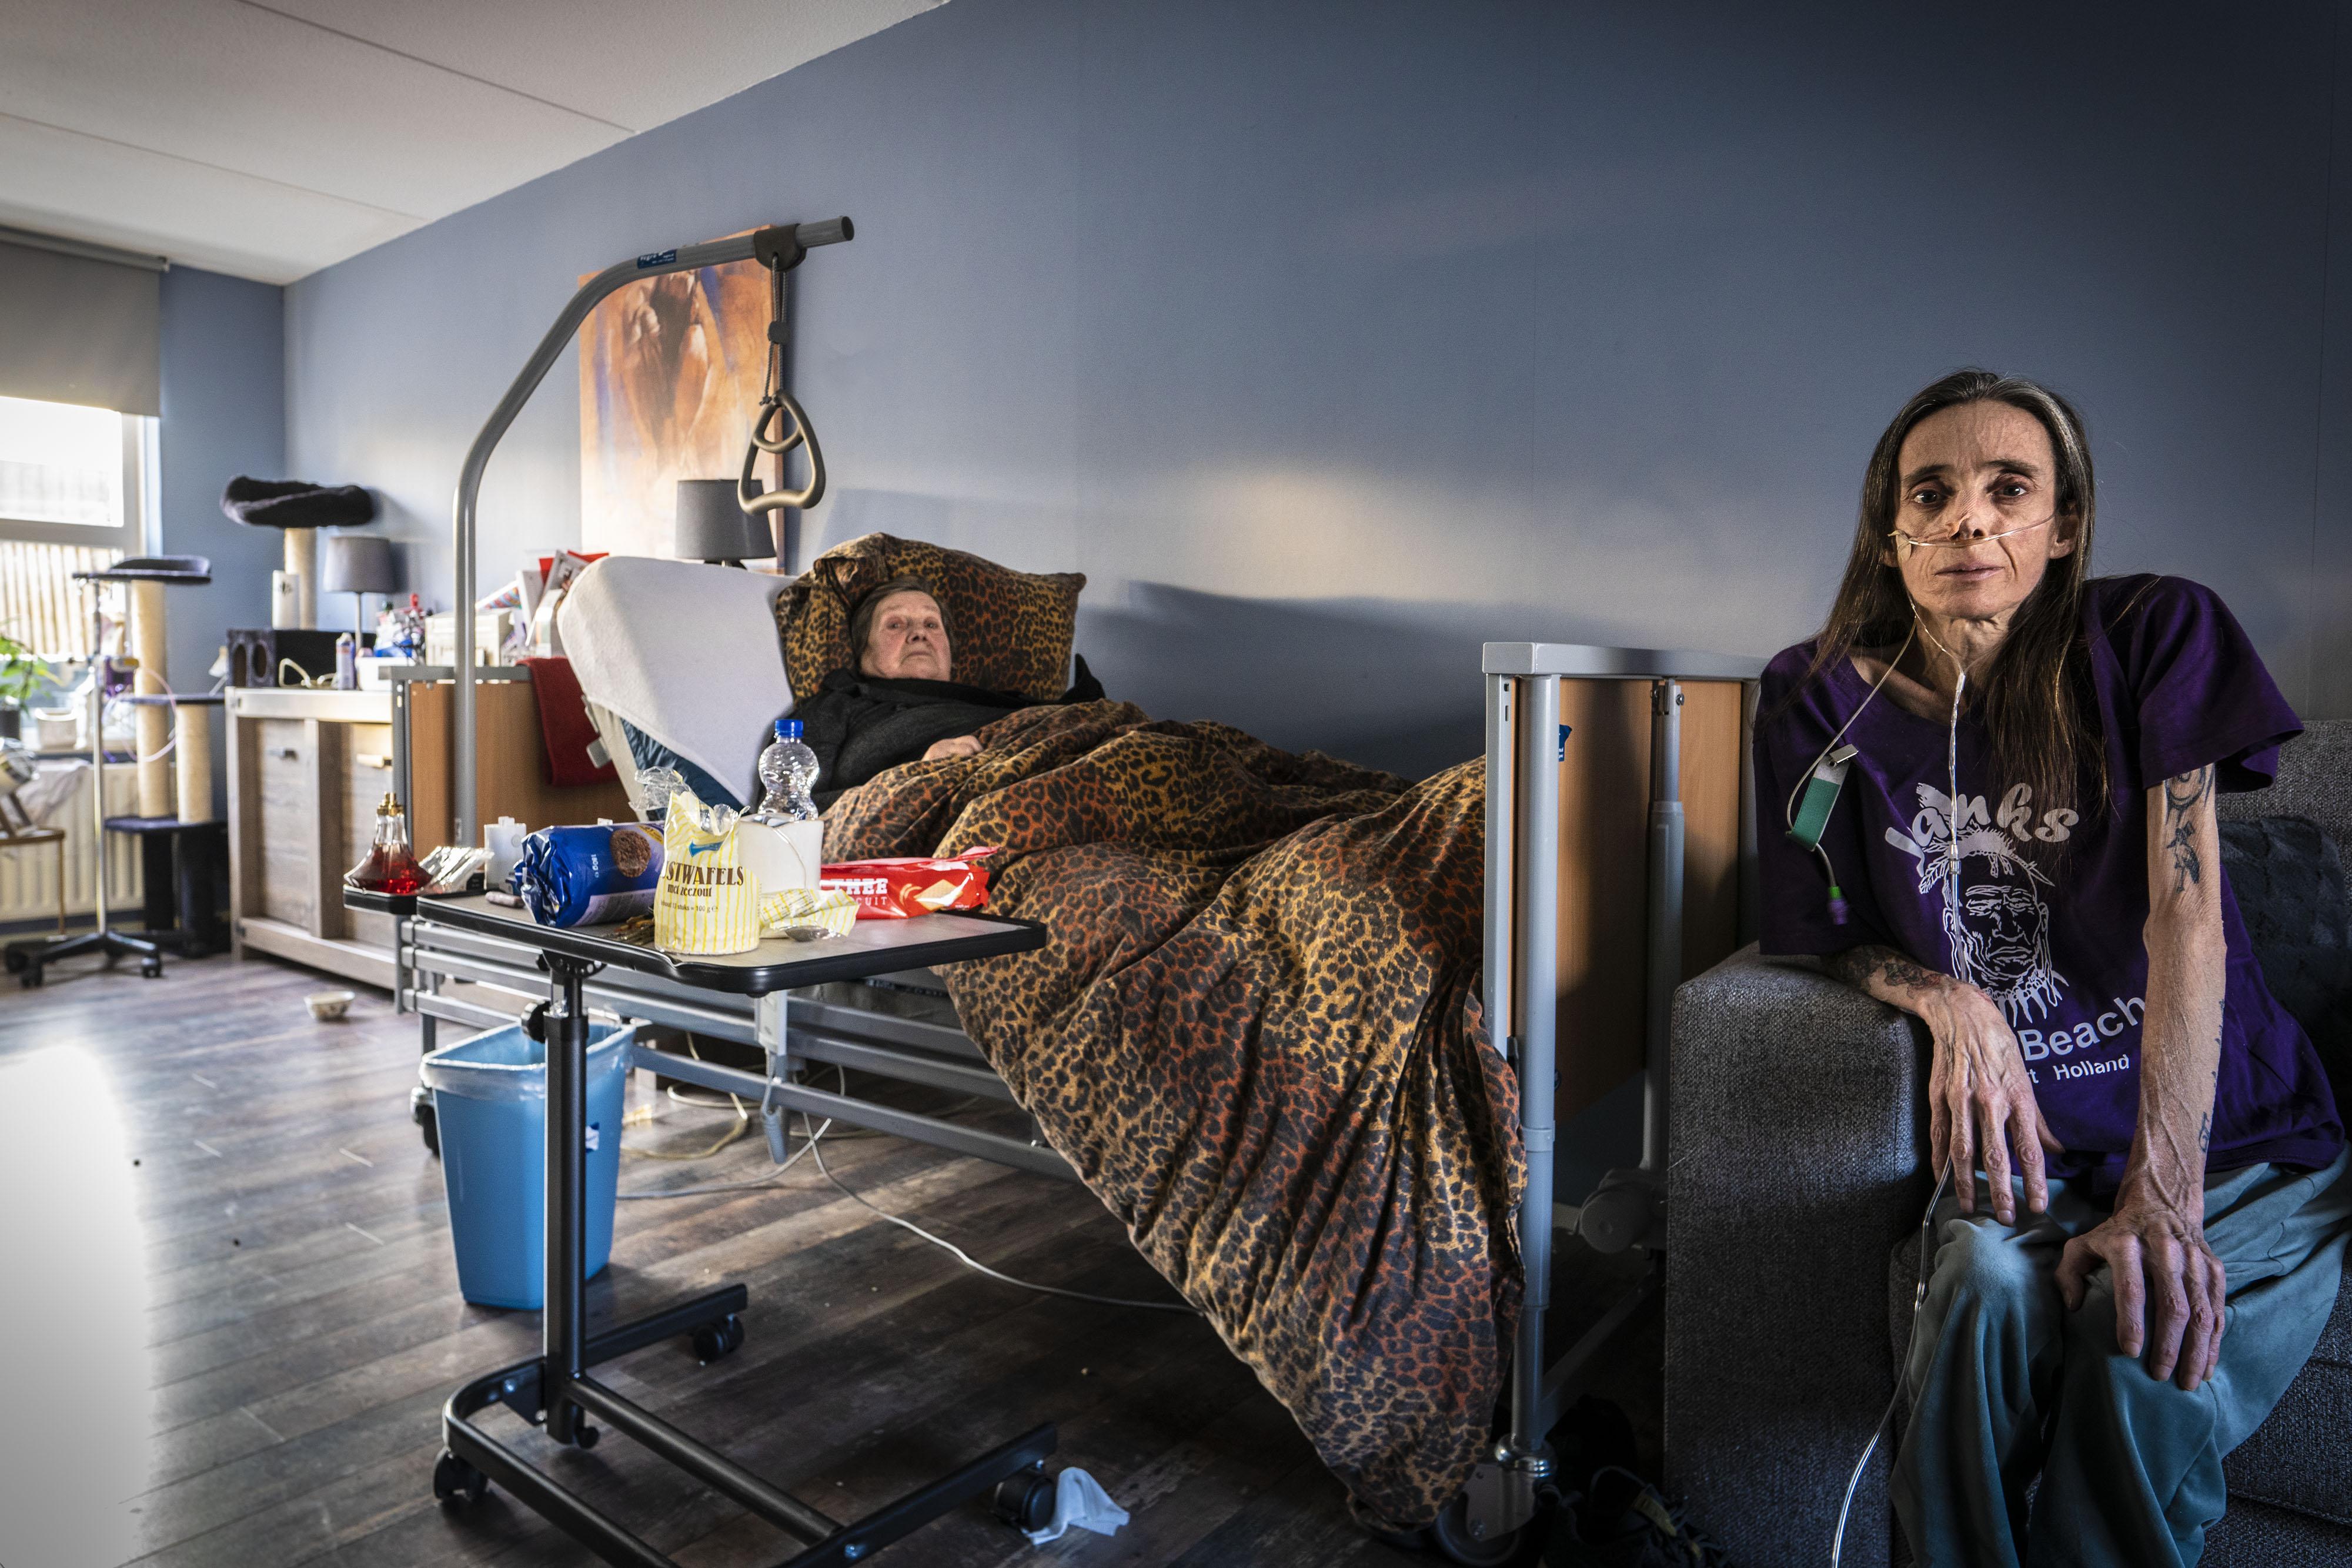 Wethouder grijpt in bij verwarmingsketelkwestie ongeneeslijk zieke Leidse Saskia Versteegh en haar zieke moeder